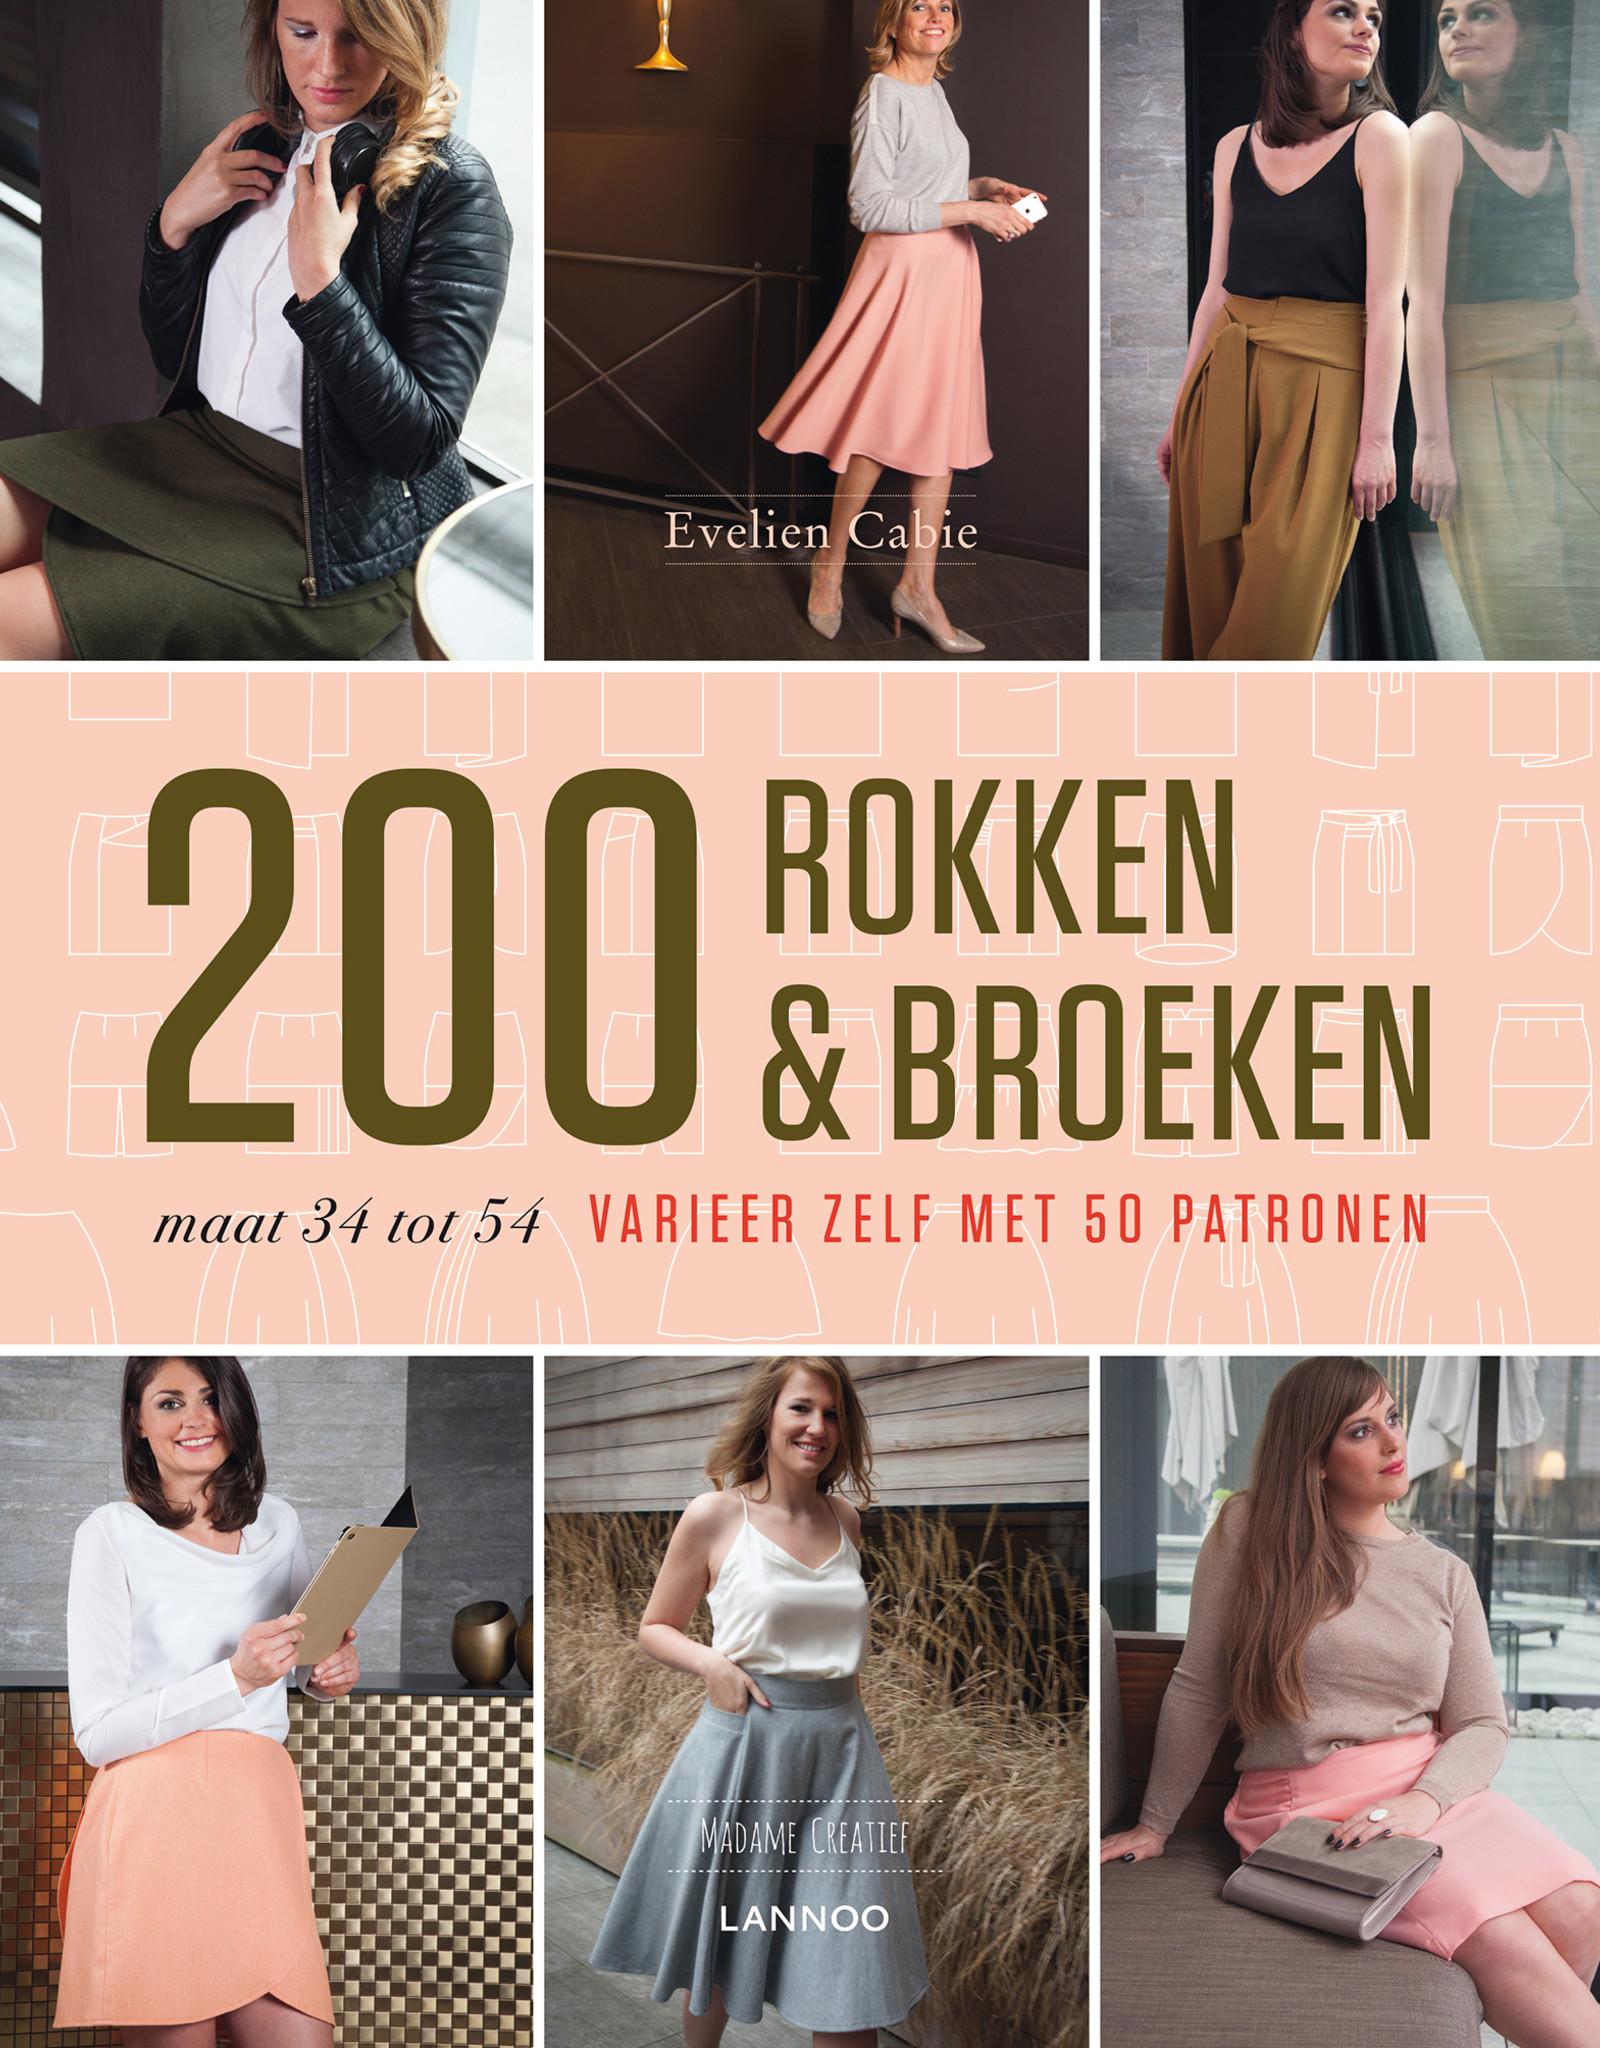 Lannoo 200 rokken & broeken